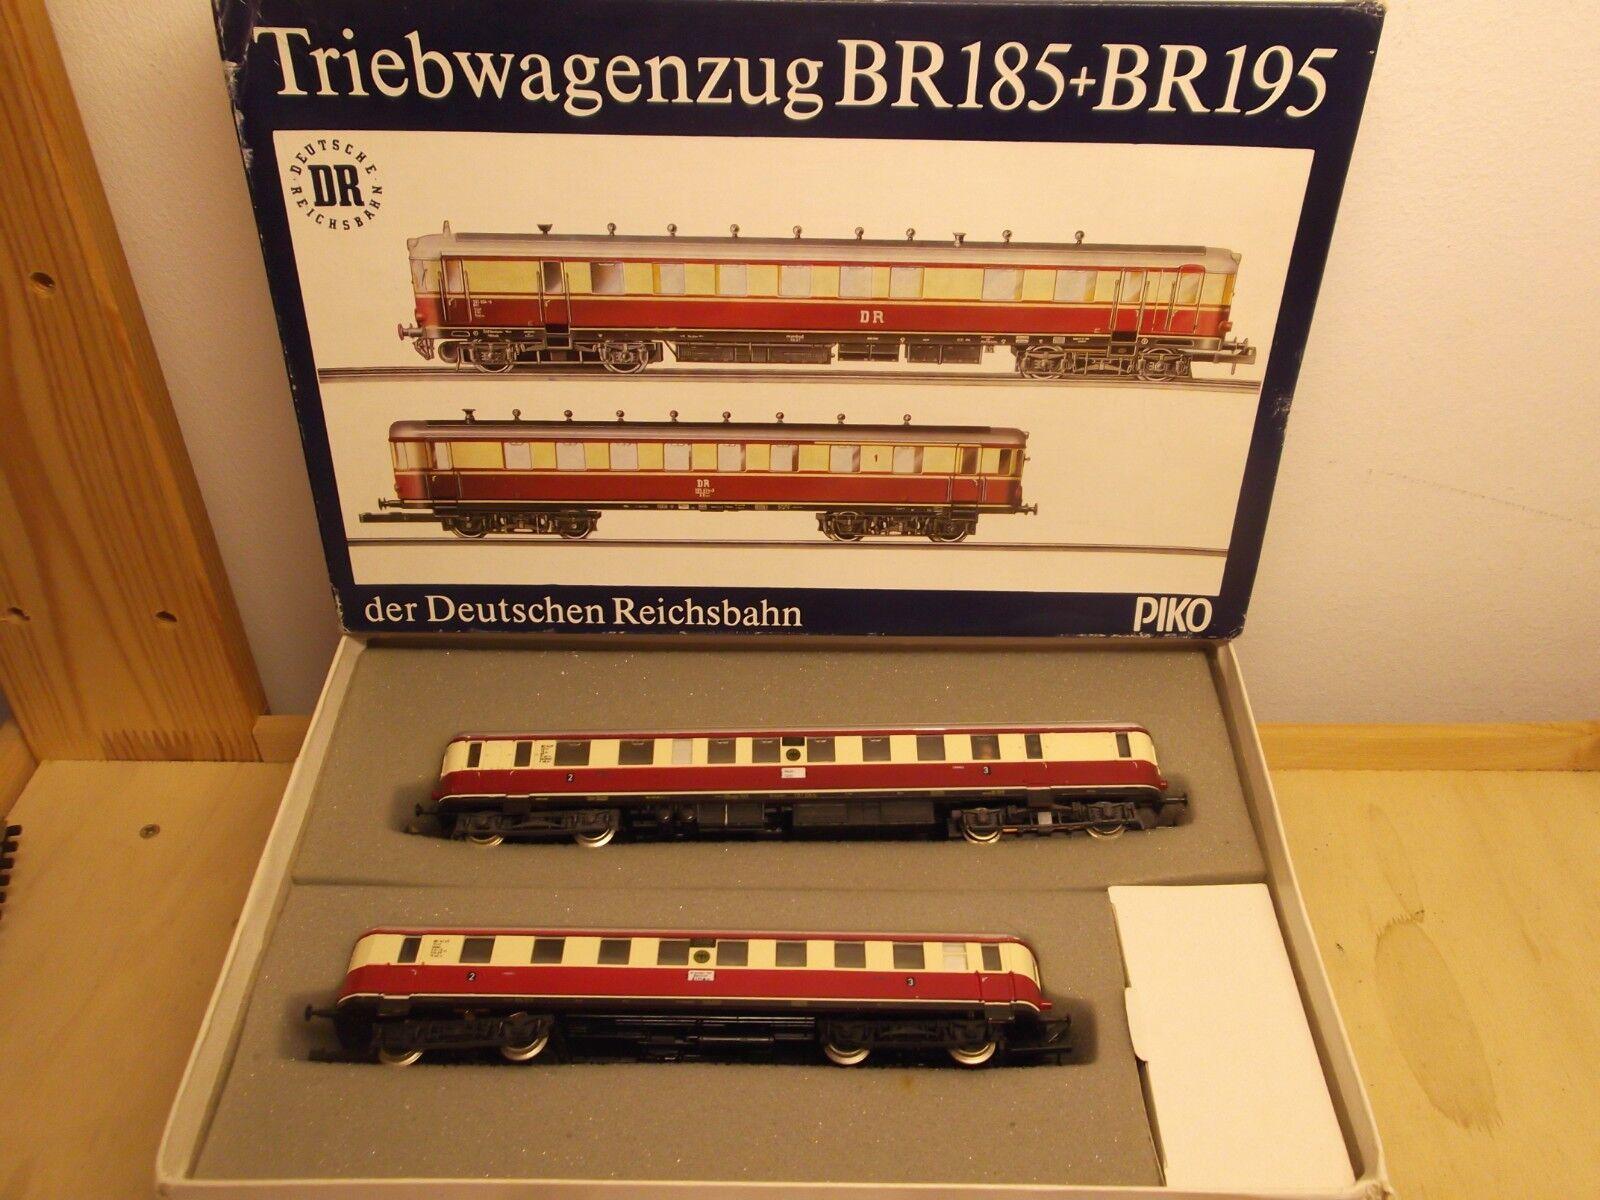 PIKO H0 Triebwagenzug VT137   VS 145 145 145 Triebwagen mit Beiwagen DRG 2. 3. Kl in OVP  | Der Schatz des Kindes, unser Glück  237535